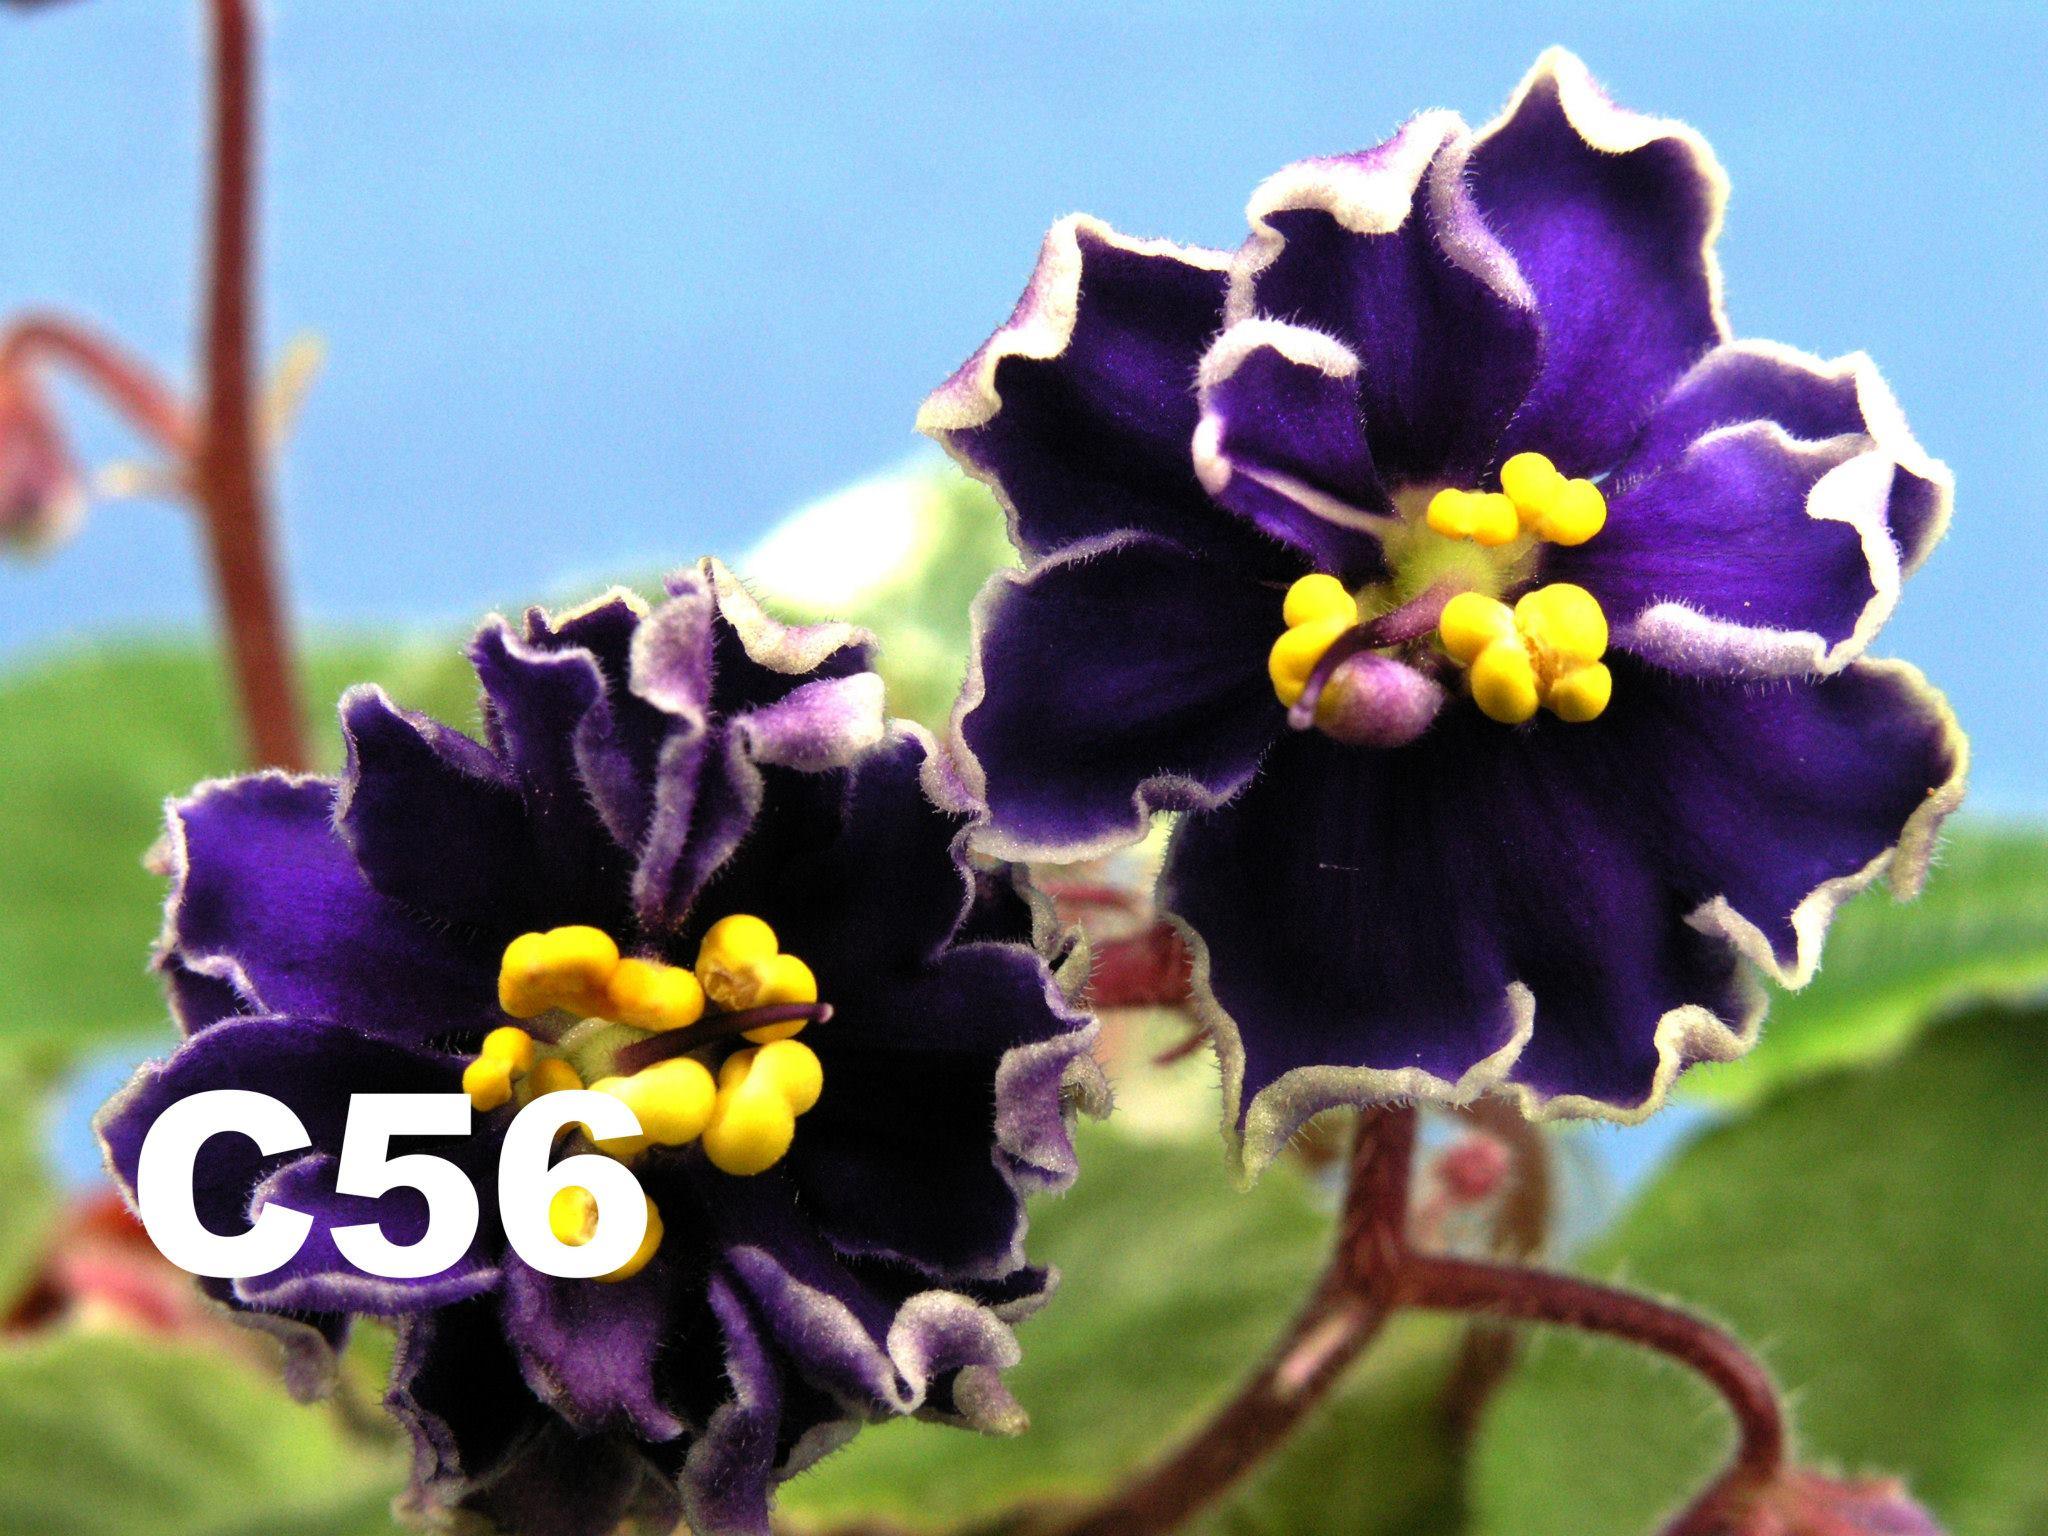 [C56] C56